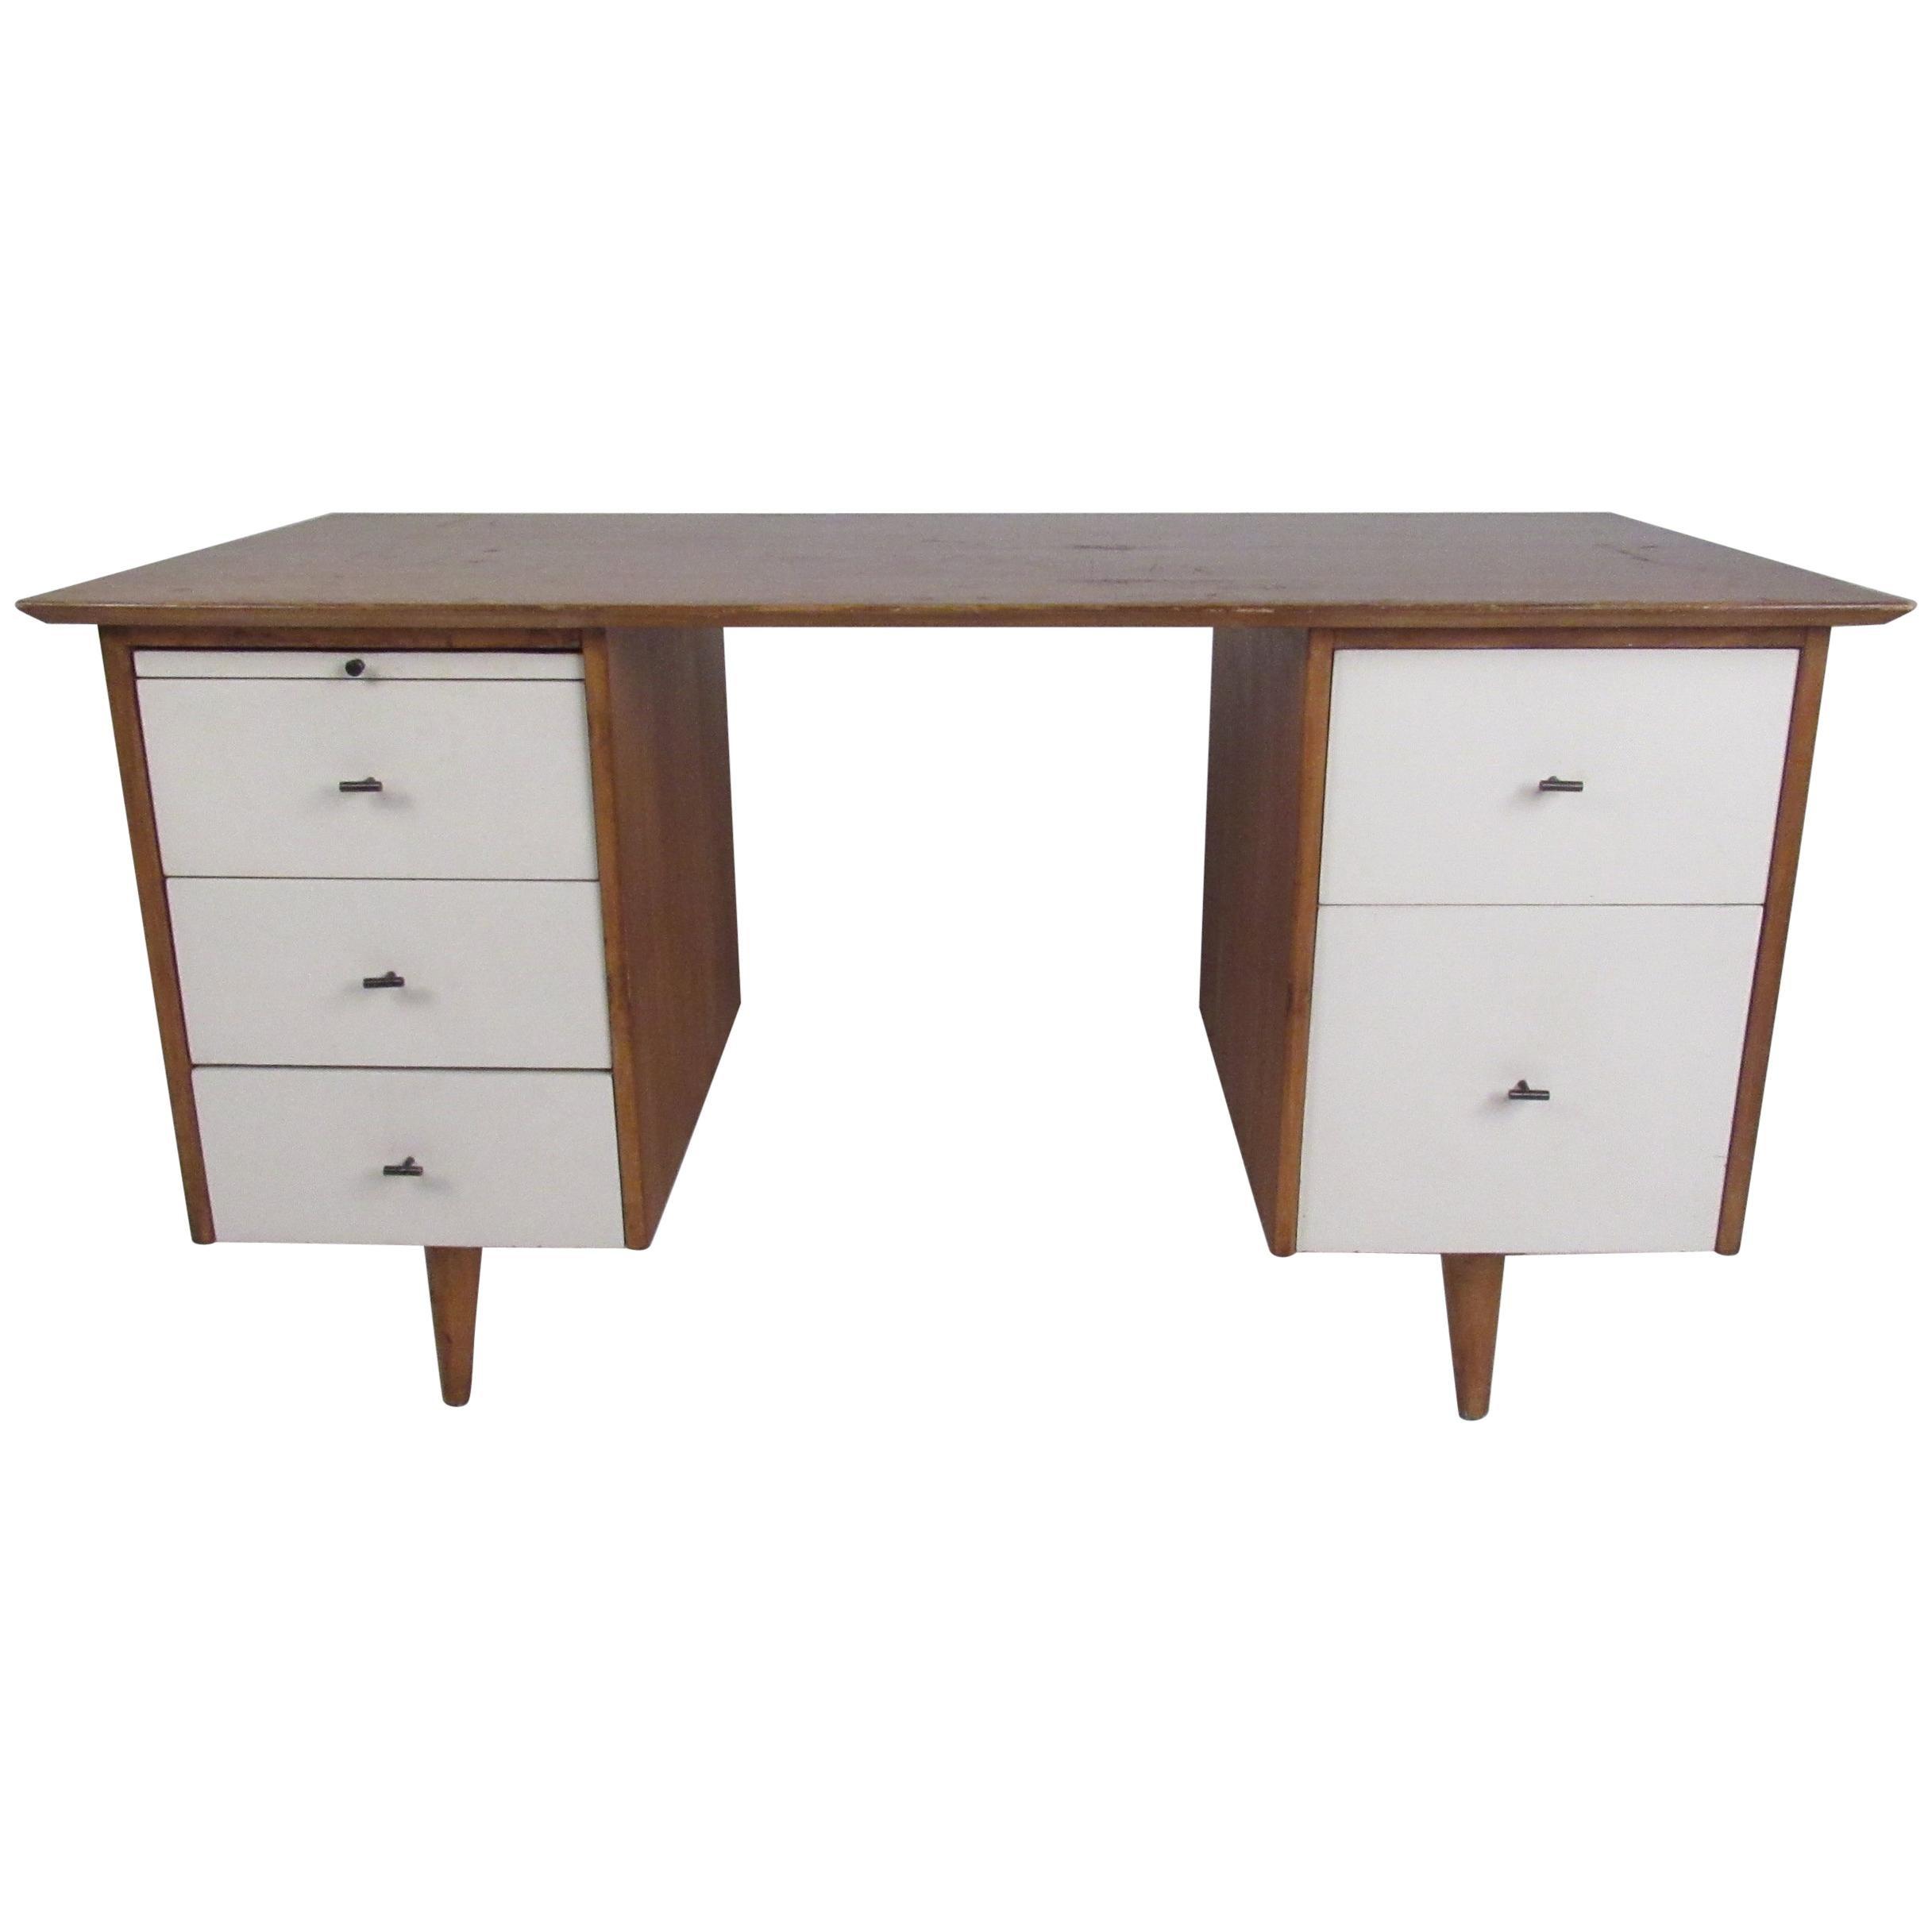 Midcentury Paul McCobb Double Pedestal Desk